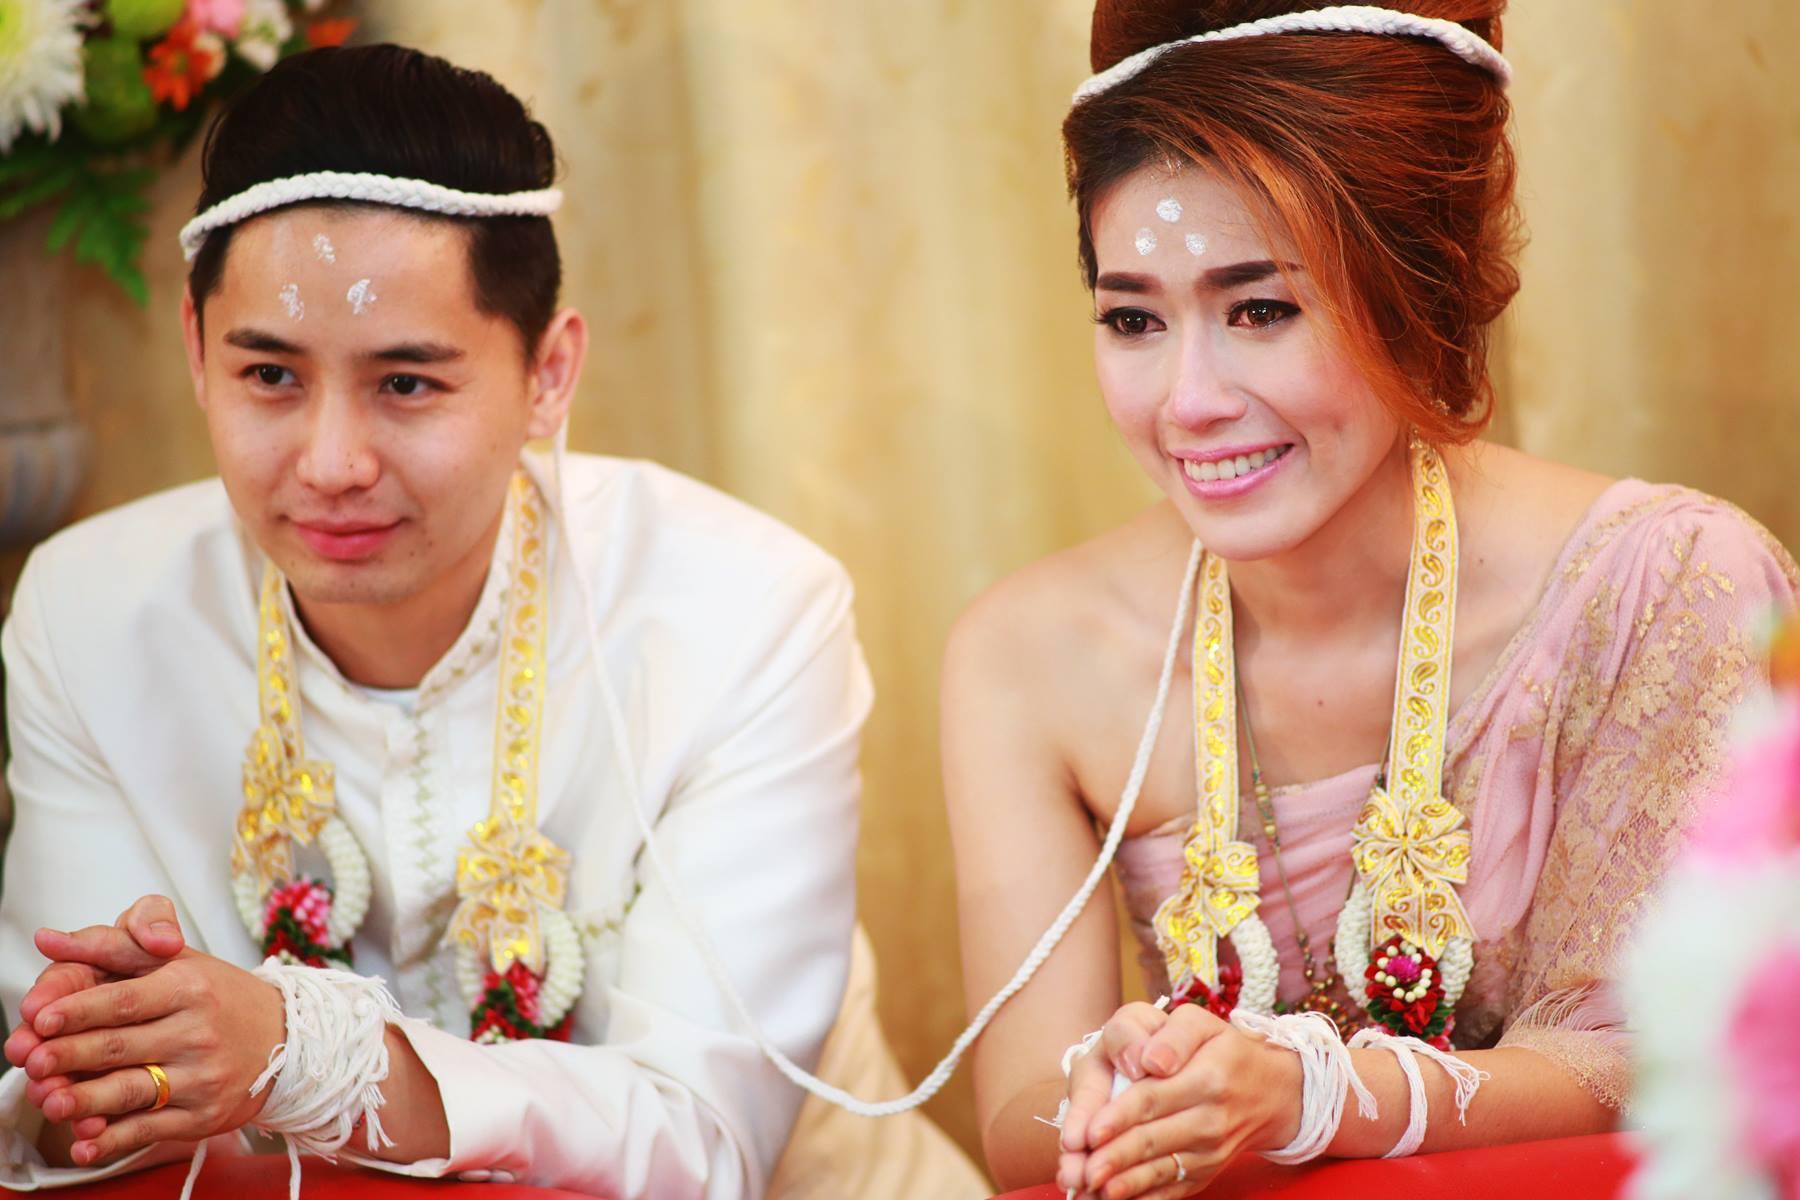 ภาพบรรยากาศในงานแต่งงาน